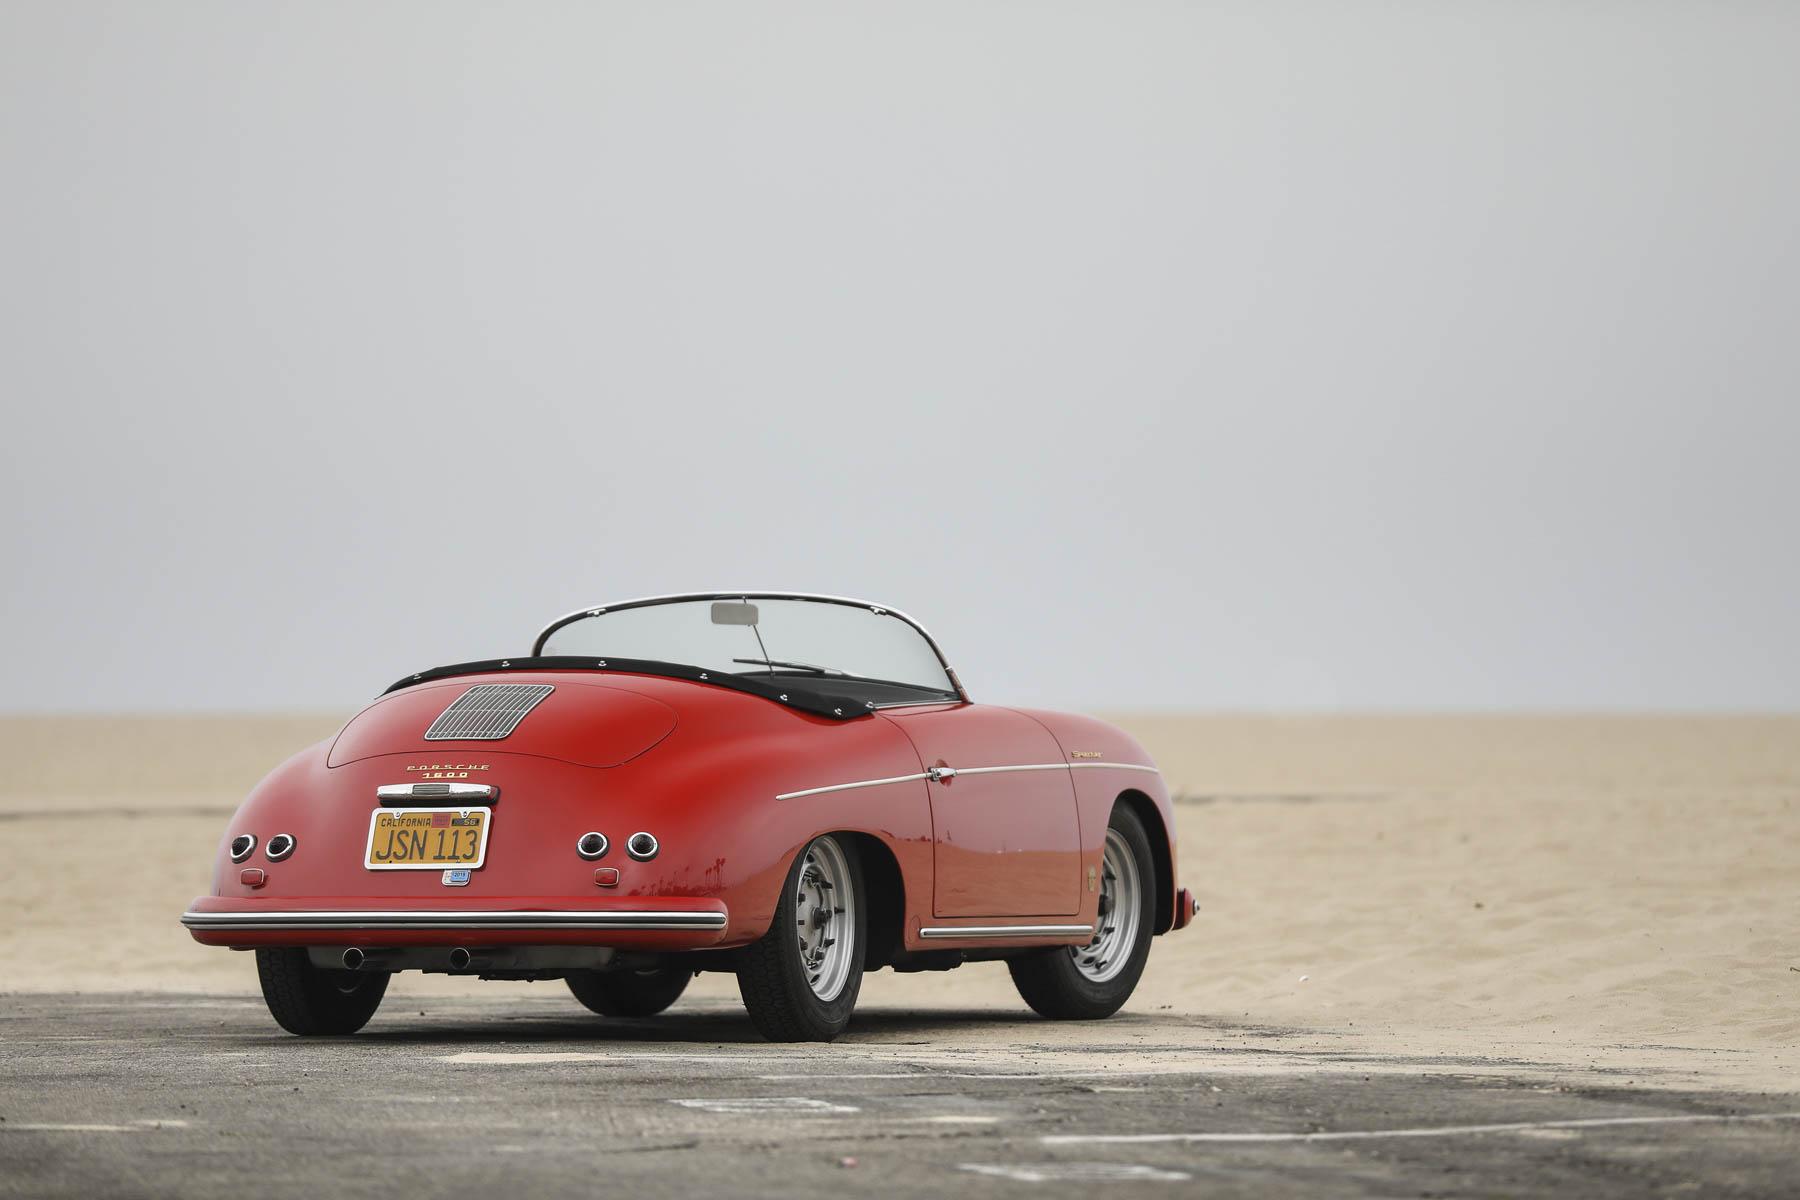 1957 Porsche 356 A Speedster rear 3/4